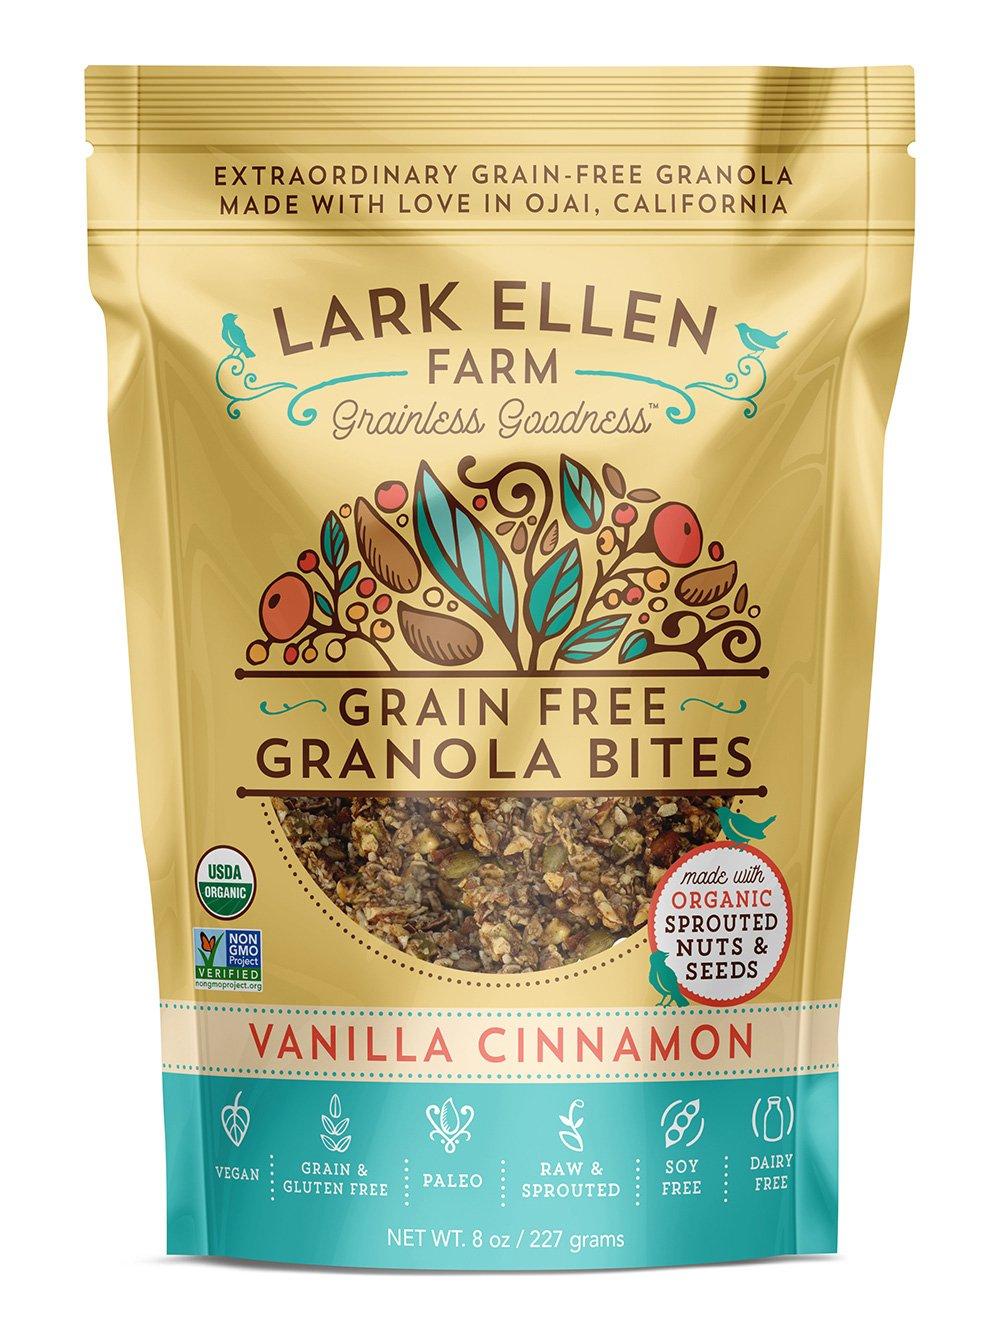 Lark Ellen Farm Grain Free Granola Bites, Vanilla Cinnamon, 8 oz